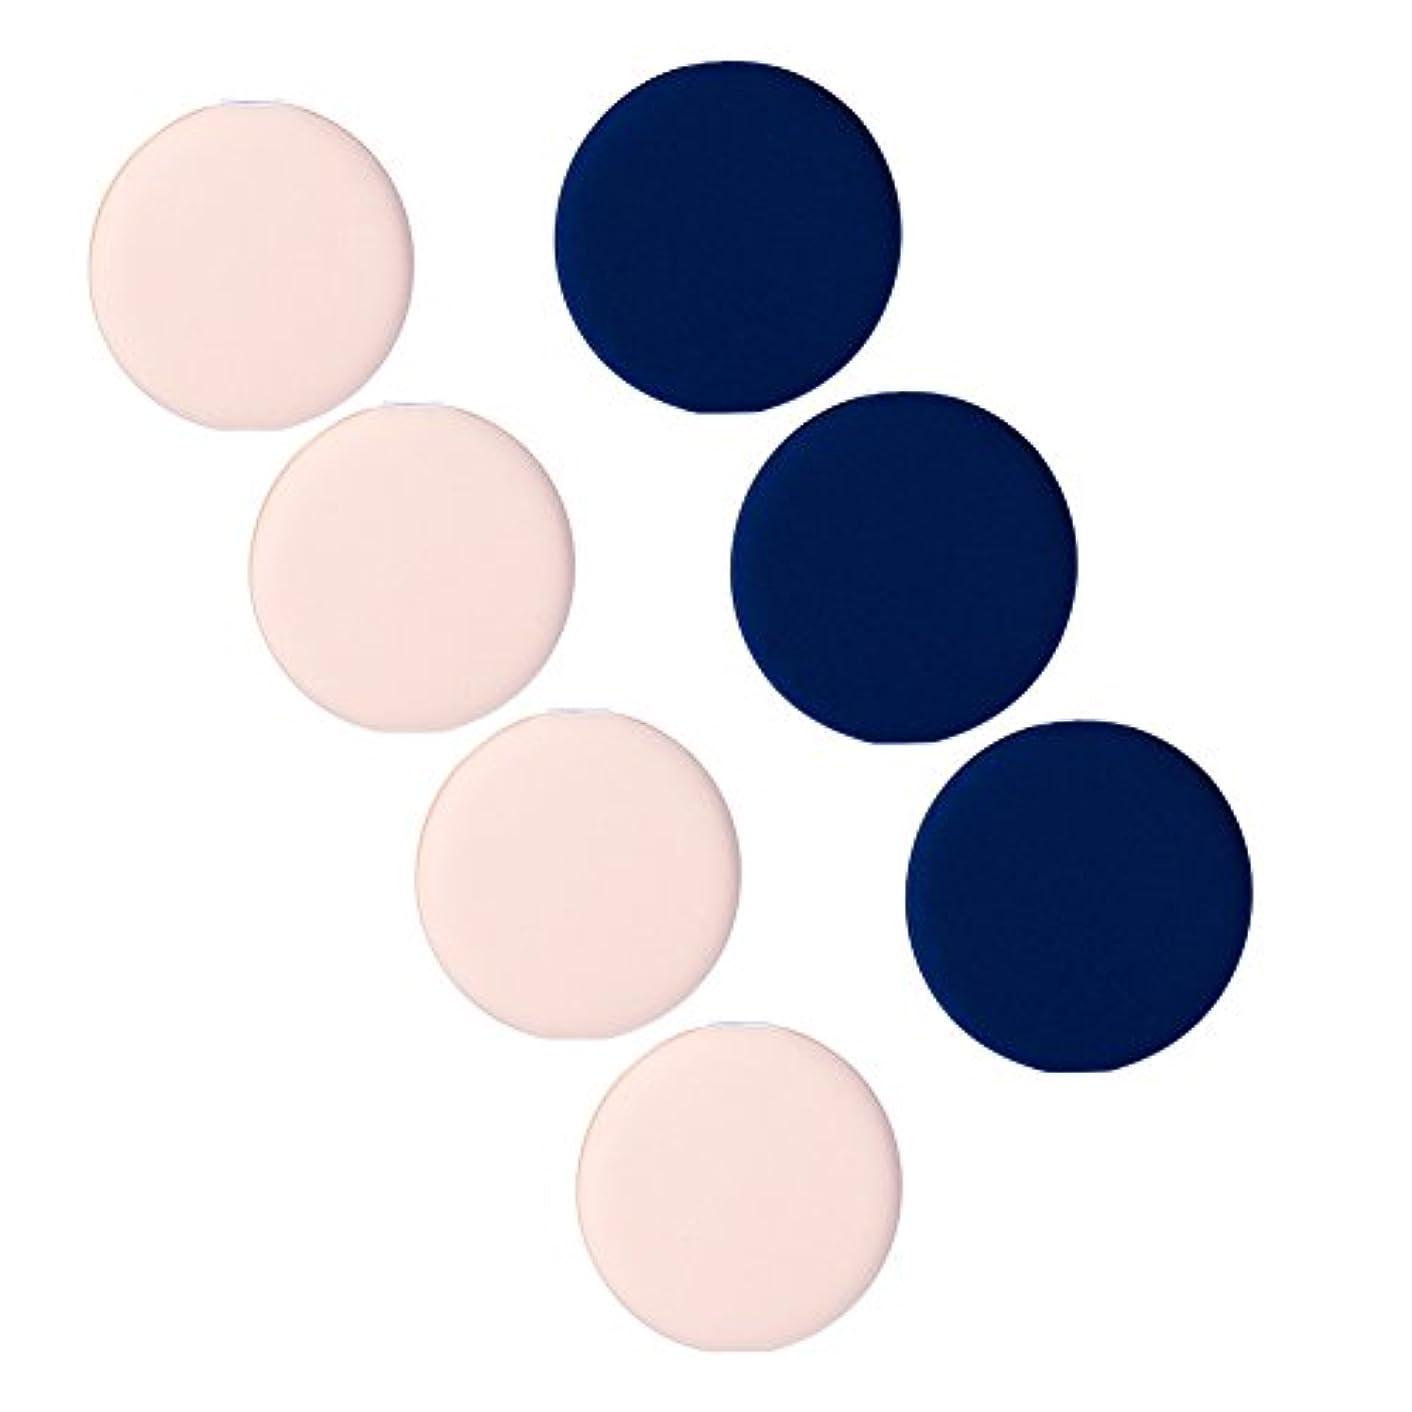 利点チロ花7個/セット ミニメイクアップ  パウダーファンデーション BBクリームエアクッションパフ  化粧品用具